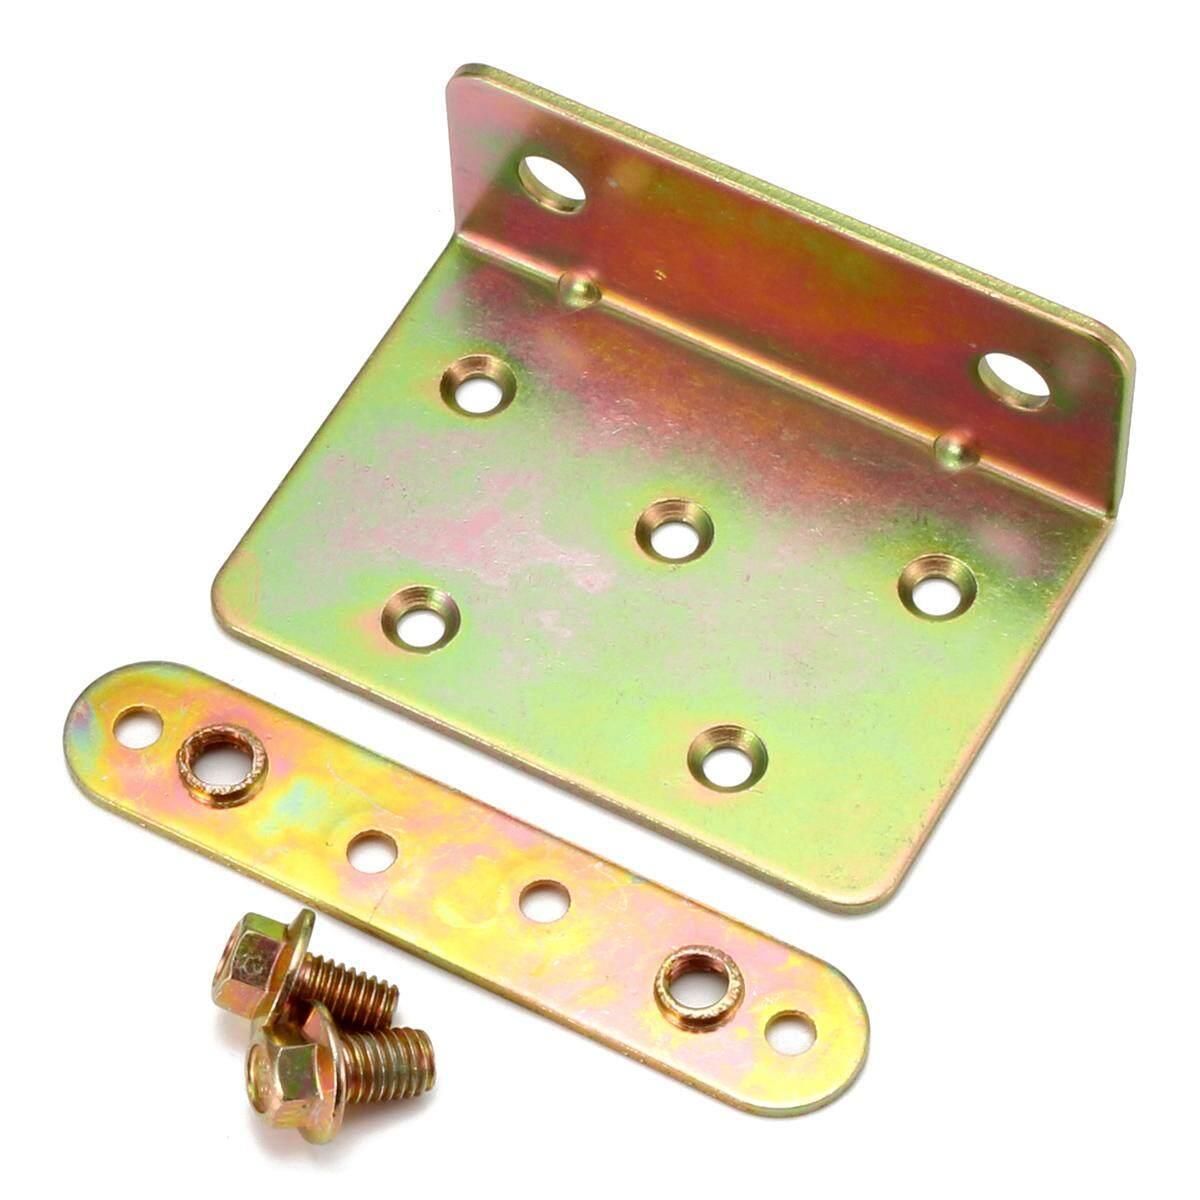 4 Sets Golden Aluminum Bed Hinge Furniture Hardware Parts Buckle Hook 88x63mm